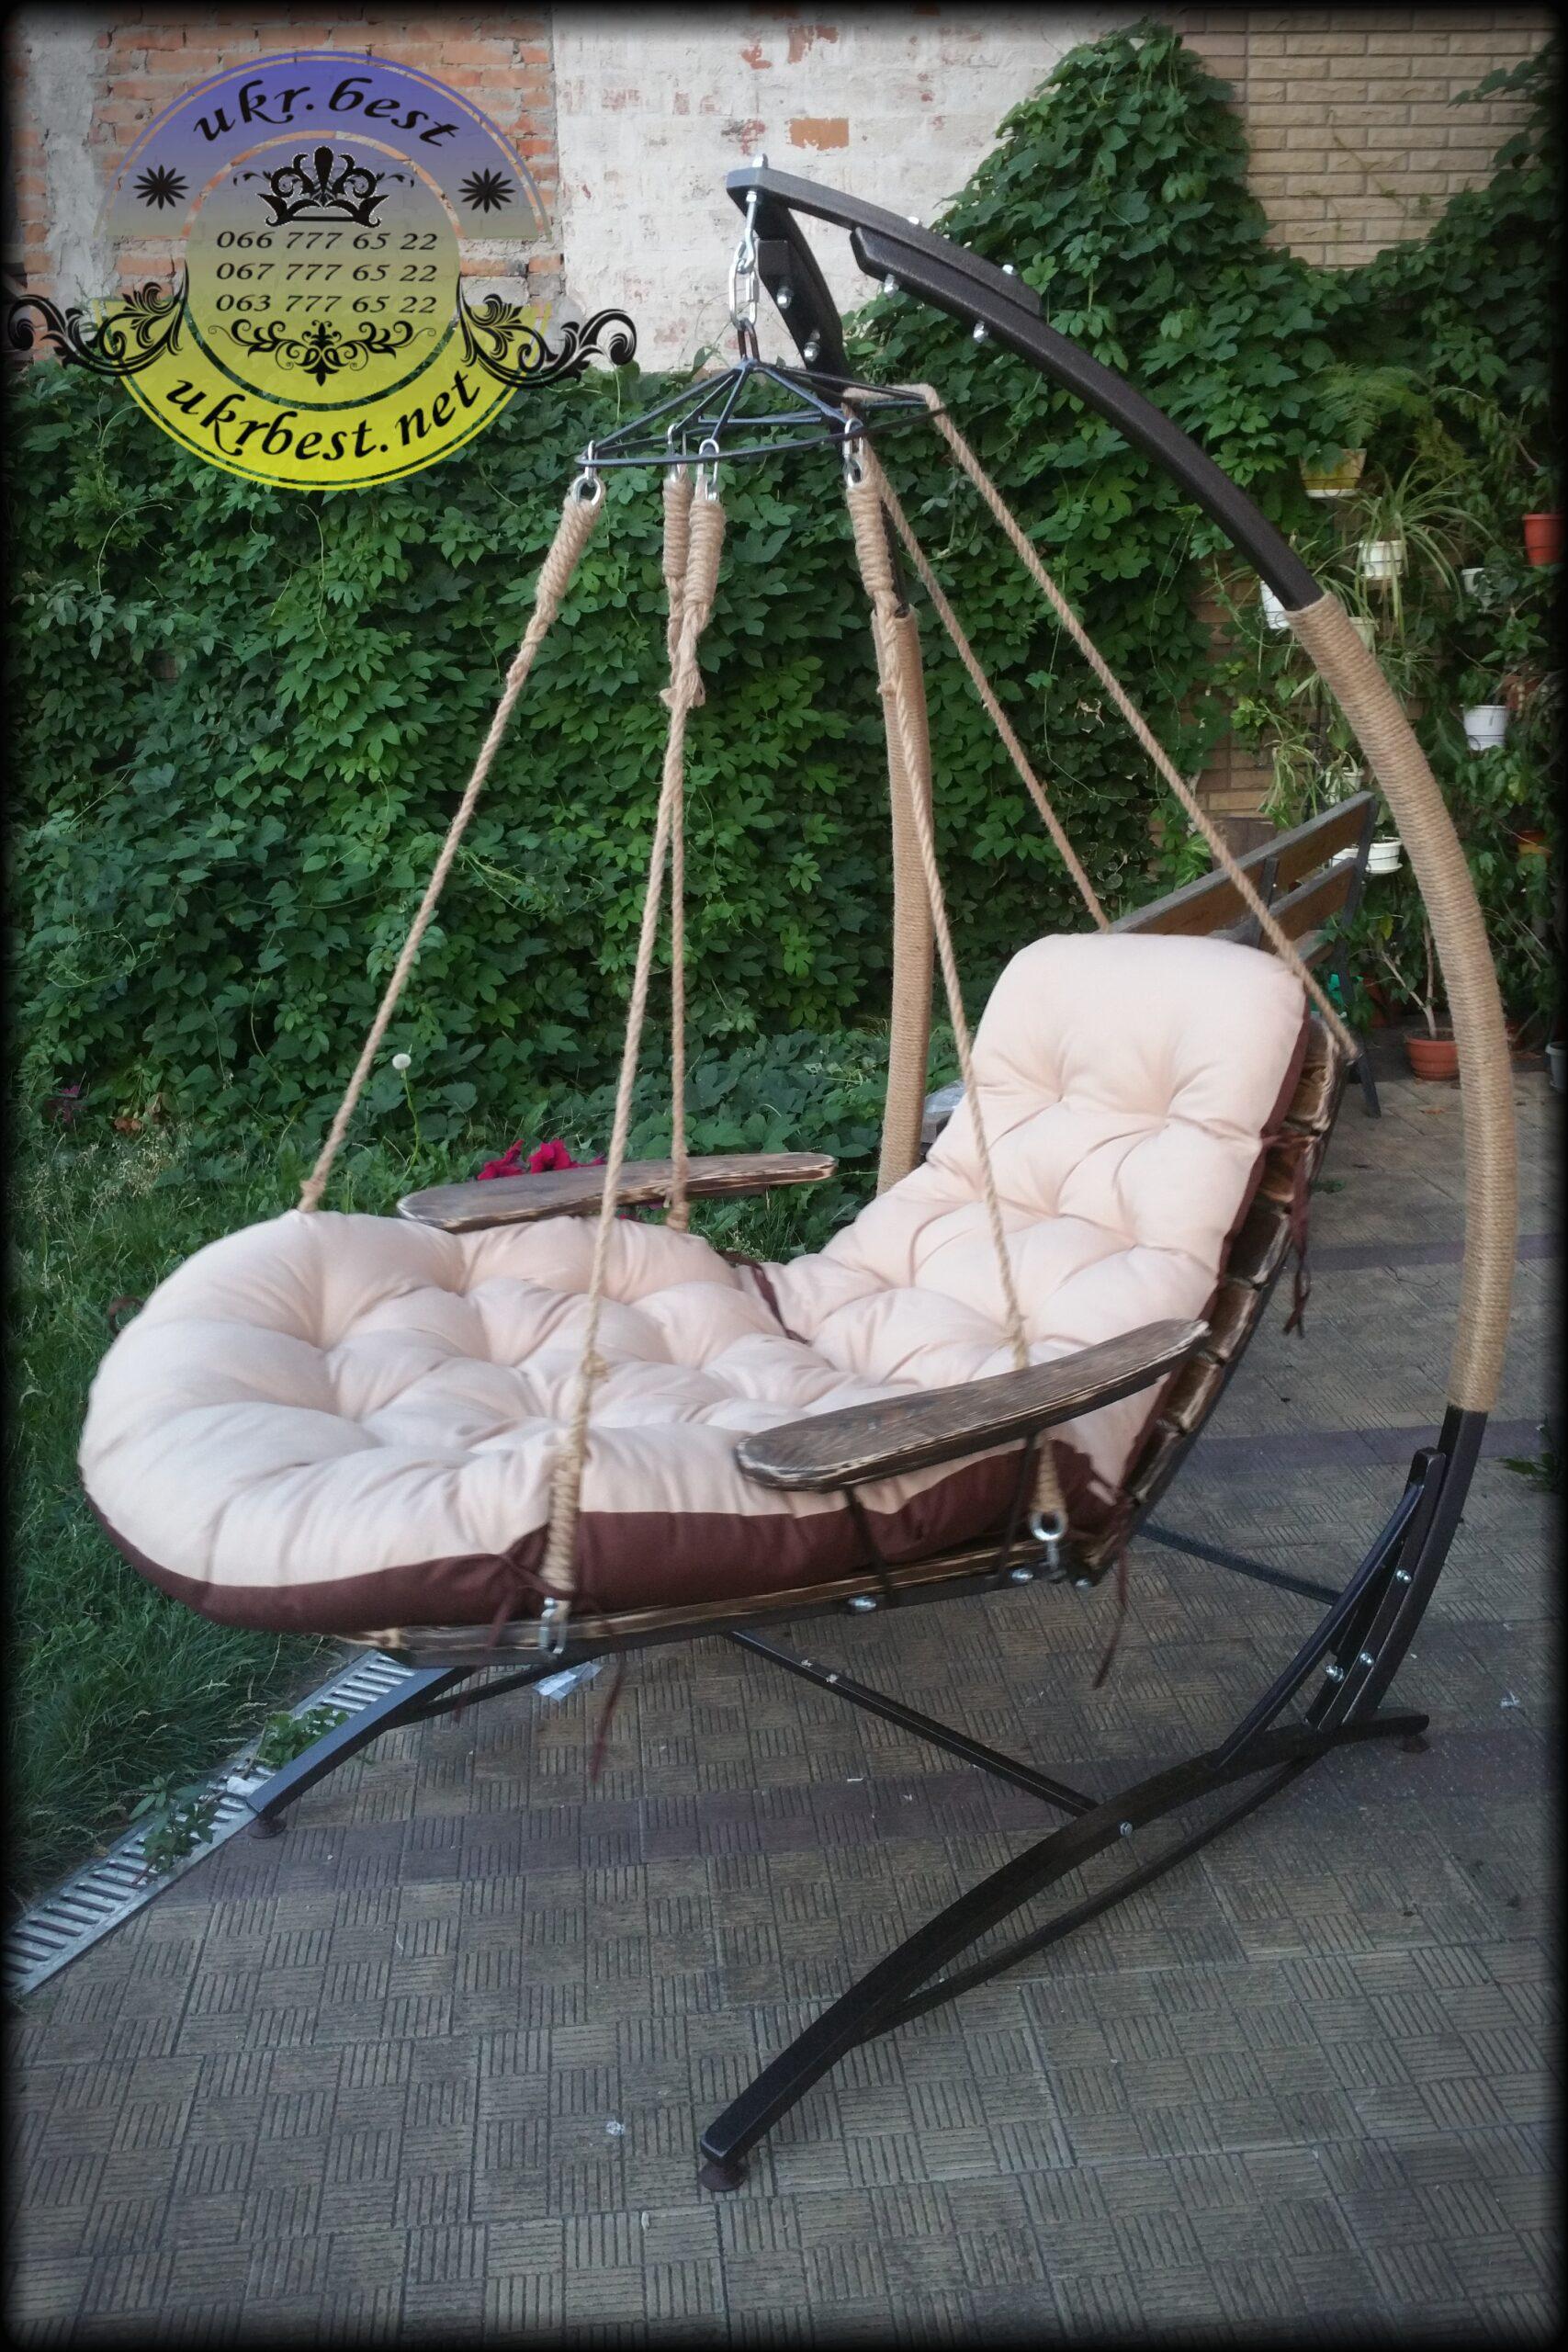 Раскладное кресло кровать Эго - качели в саду UkrBest